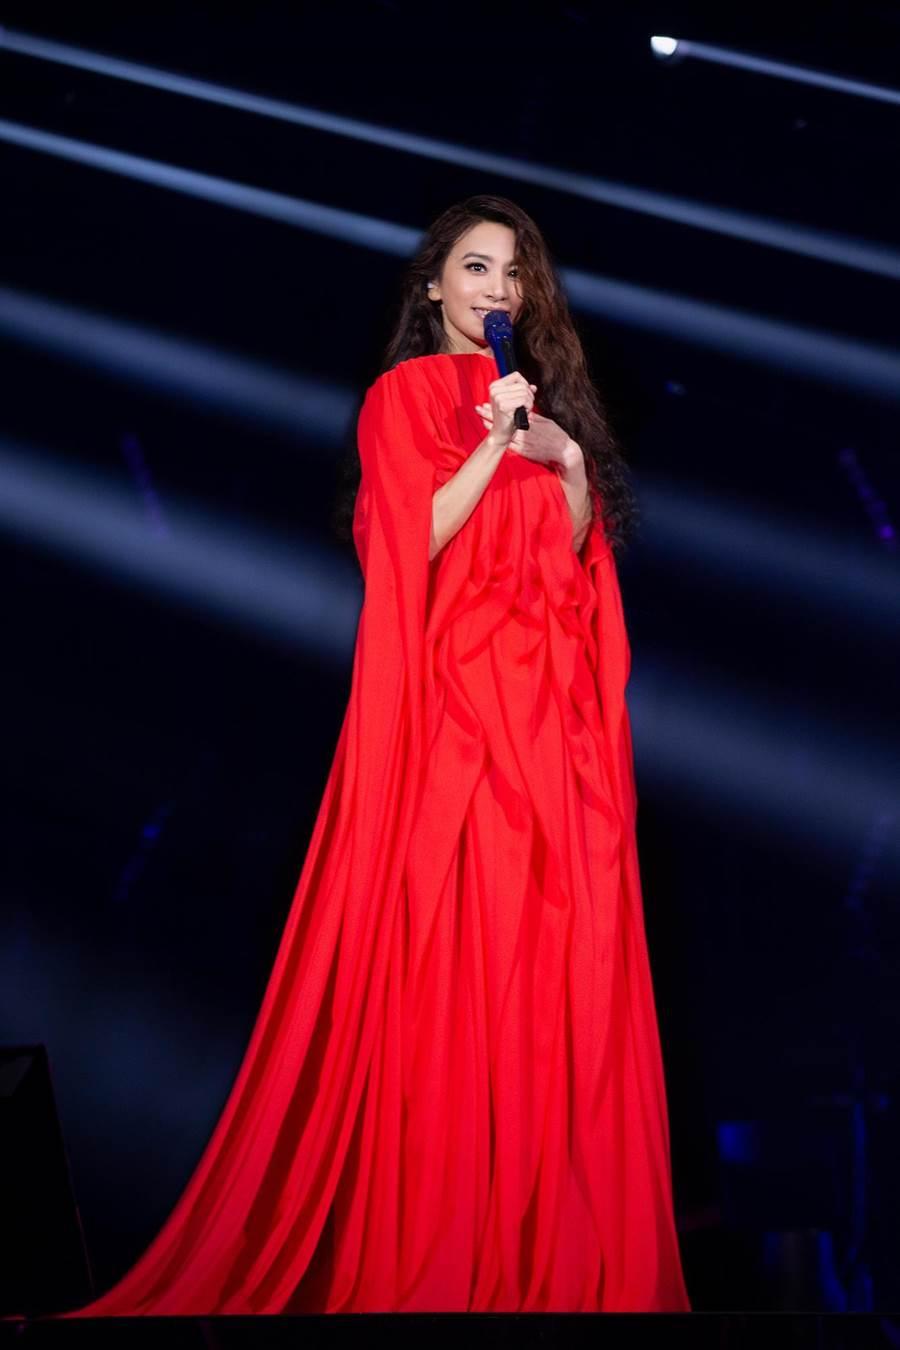 田馥甄今晚繼續在小巨蛋開唱。(何樂音樂提供)